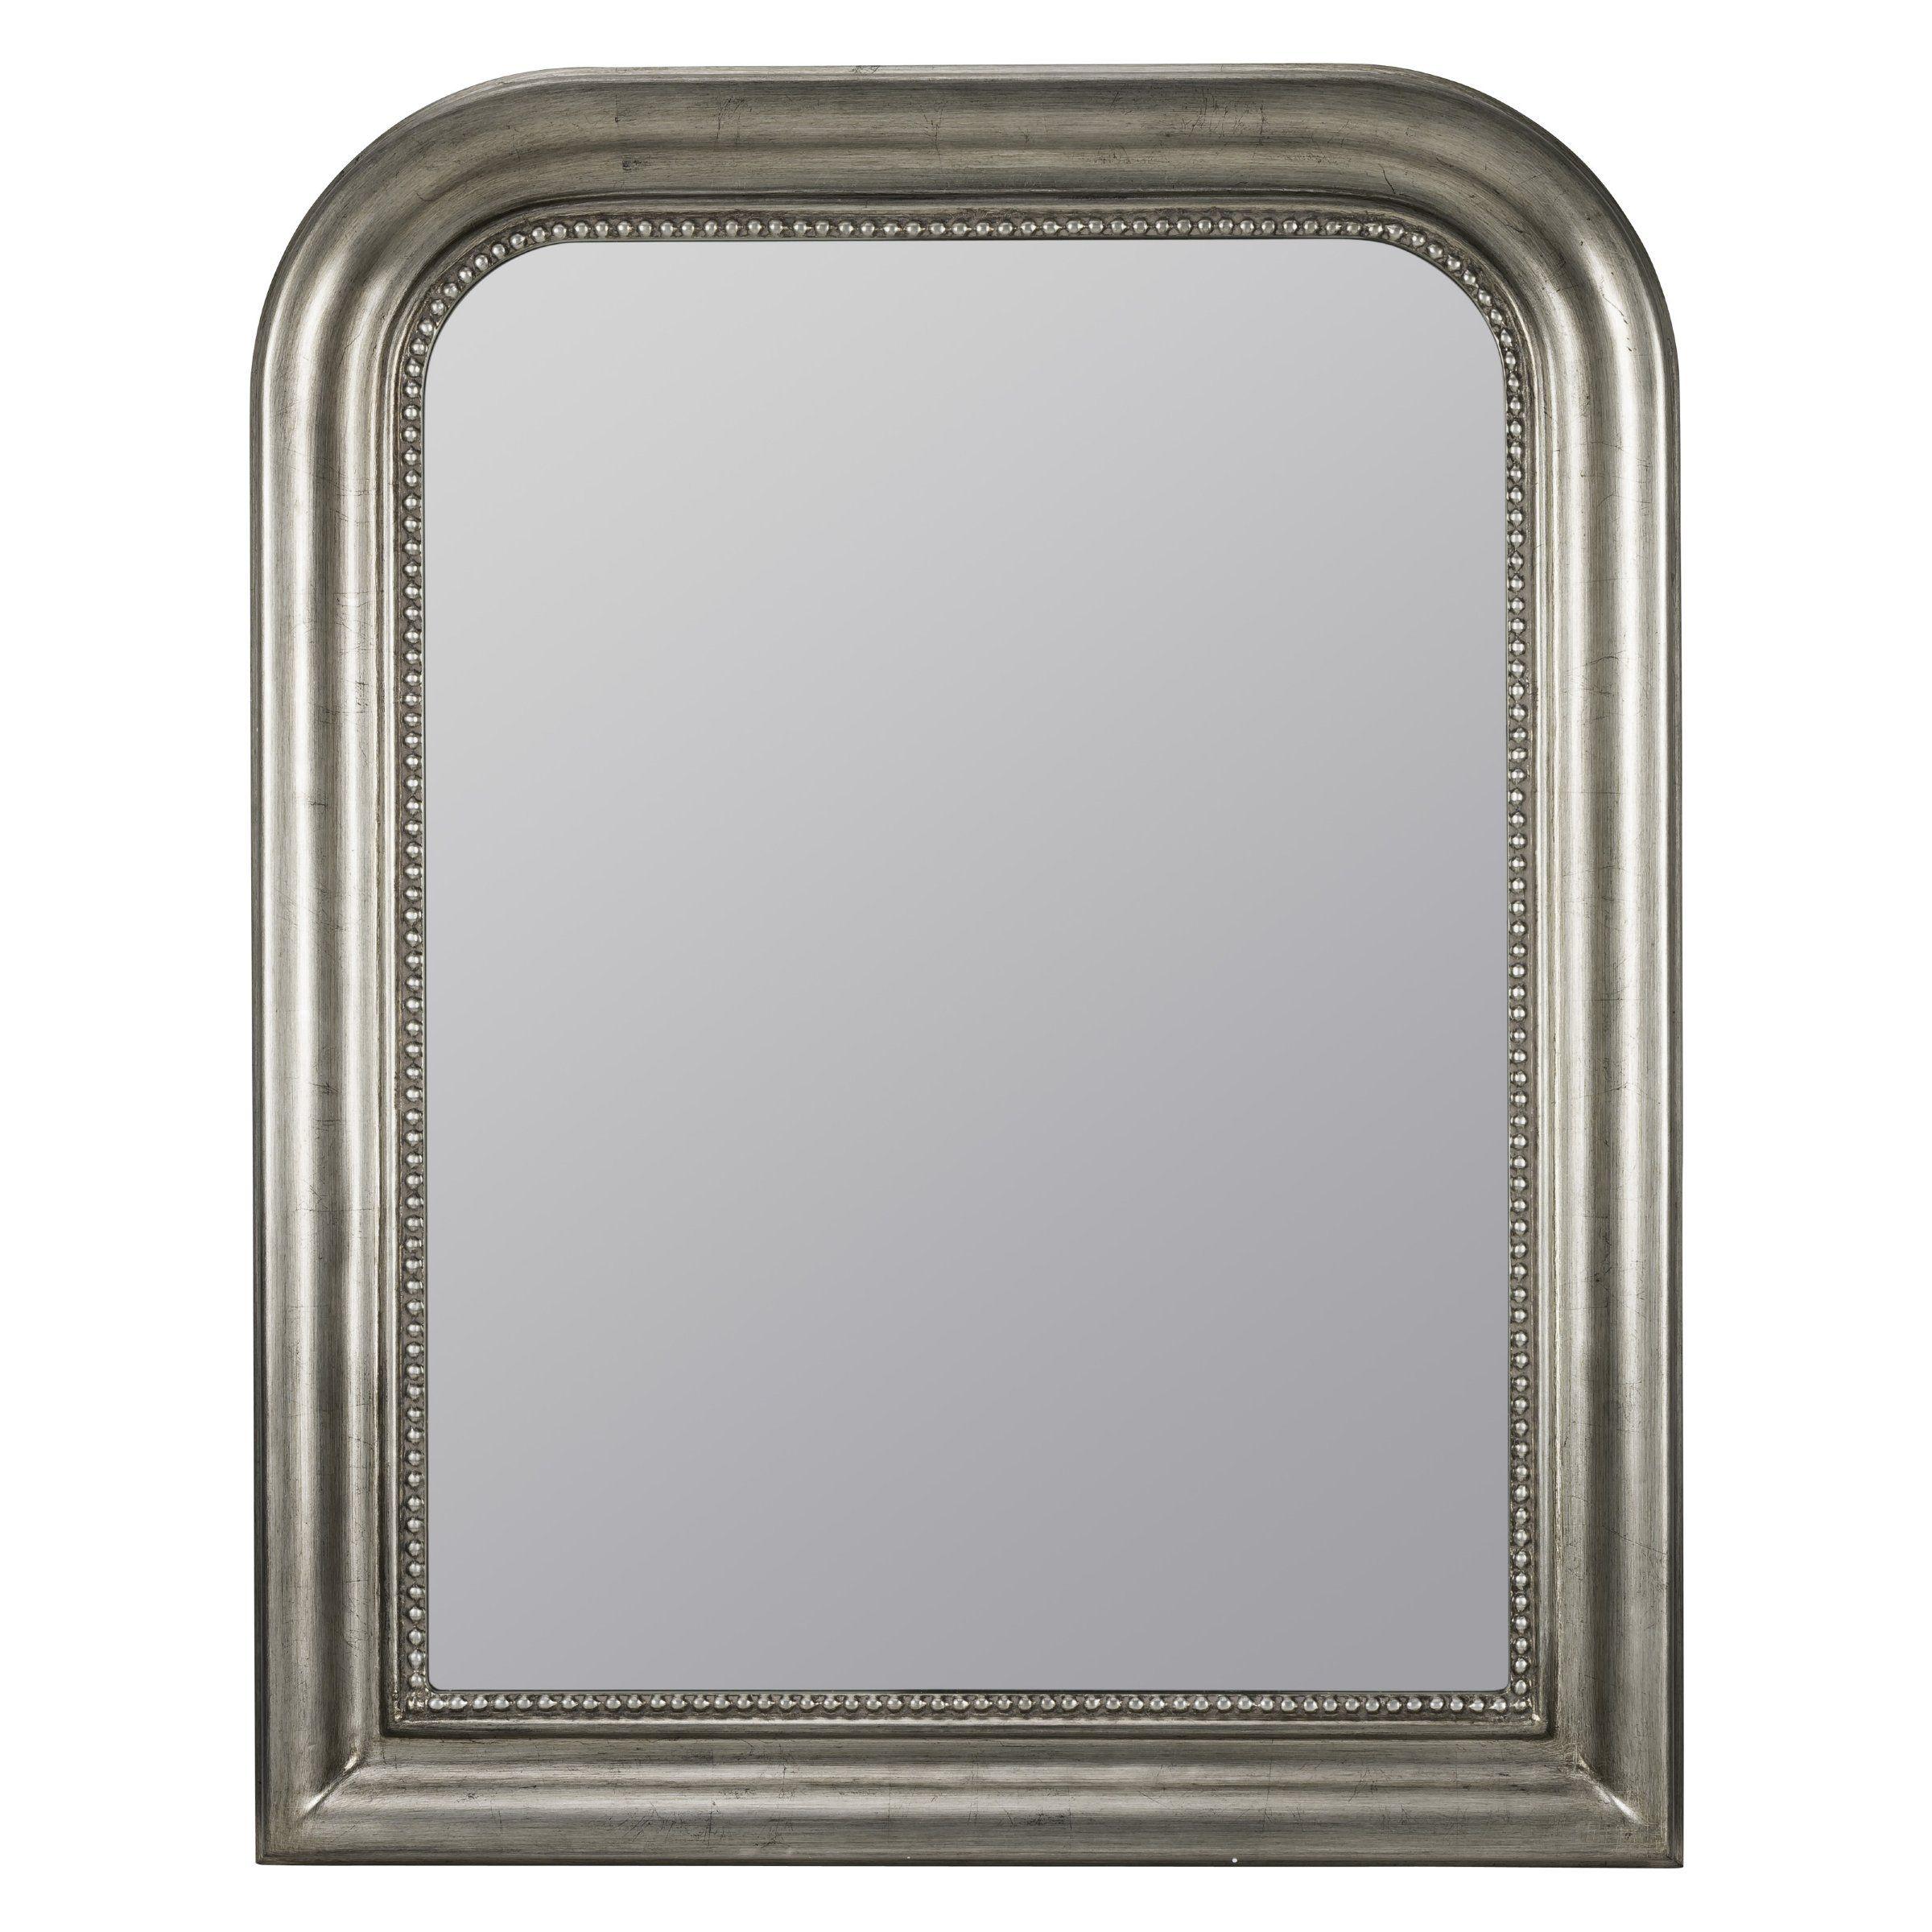 Cooper Classics Kwango Wall Mirror - 30.5W x 38.25H in. - Wall ...